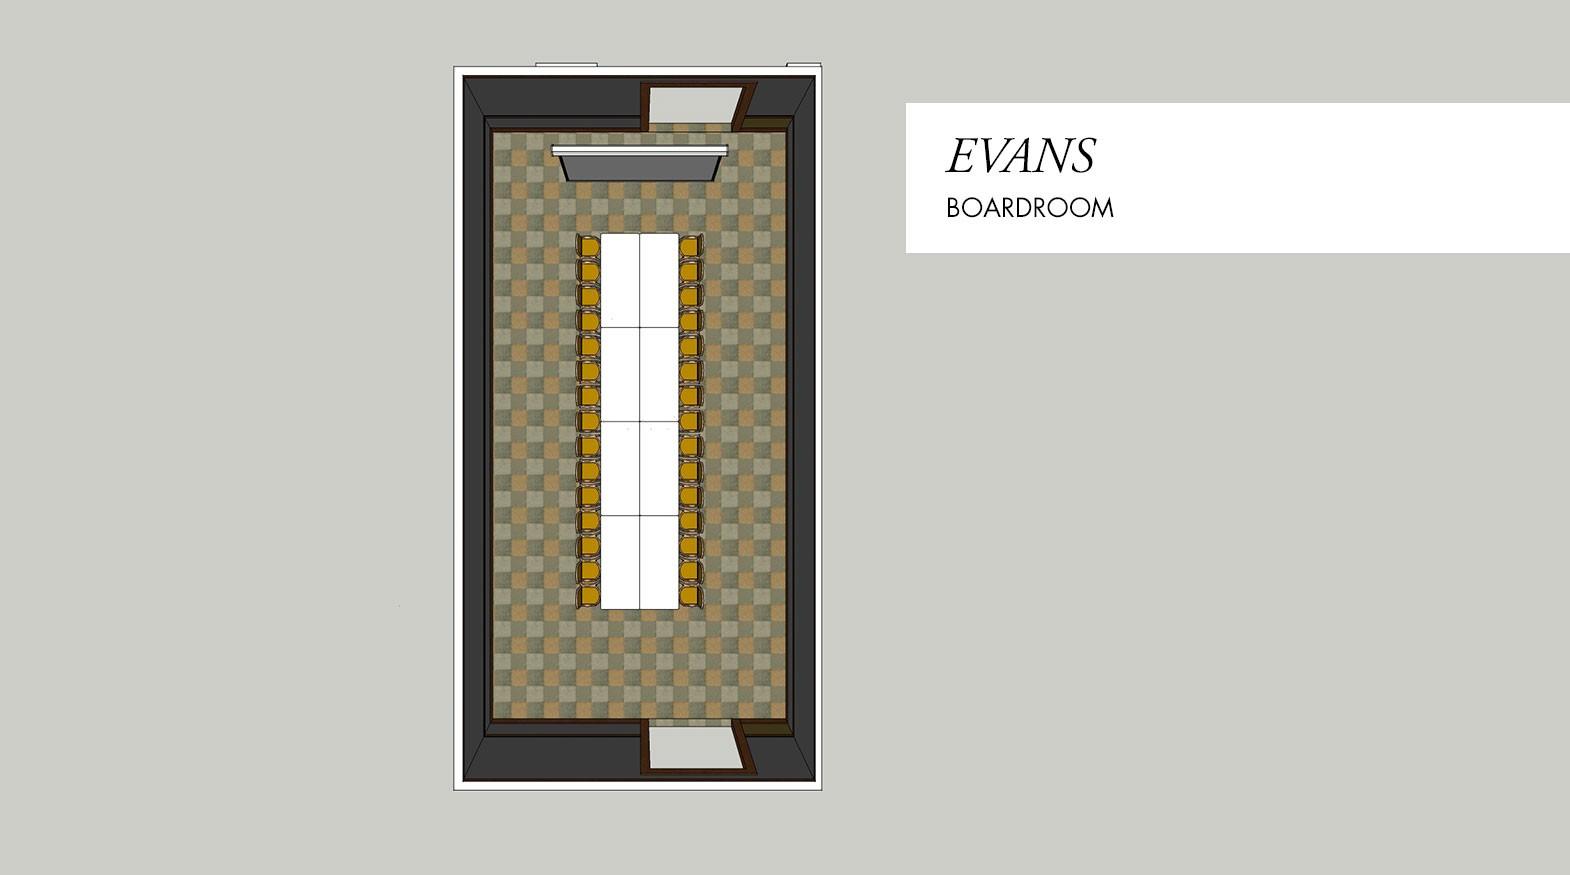 evans-boardroom.jpg